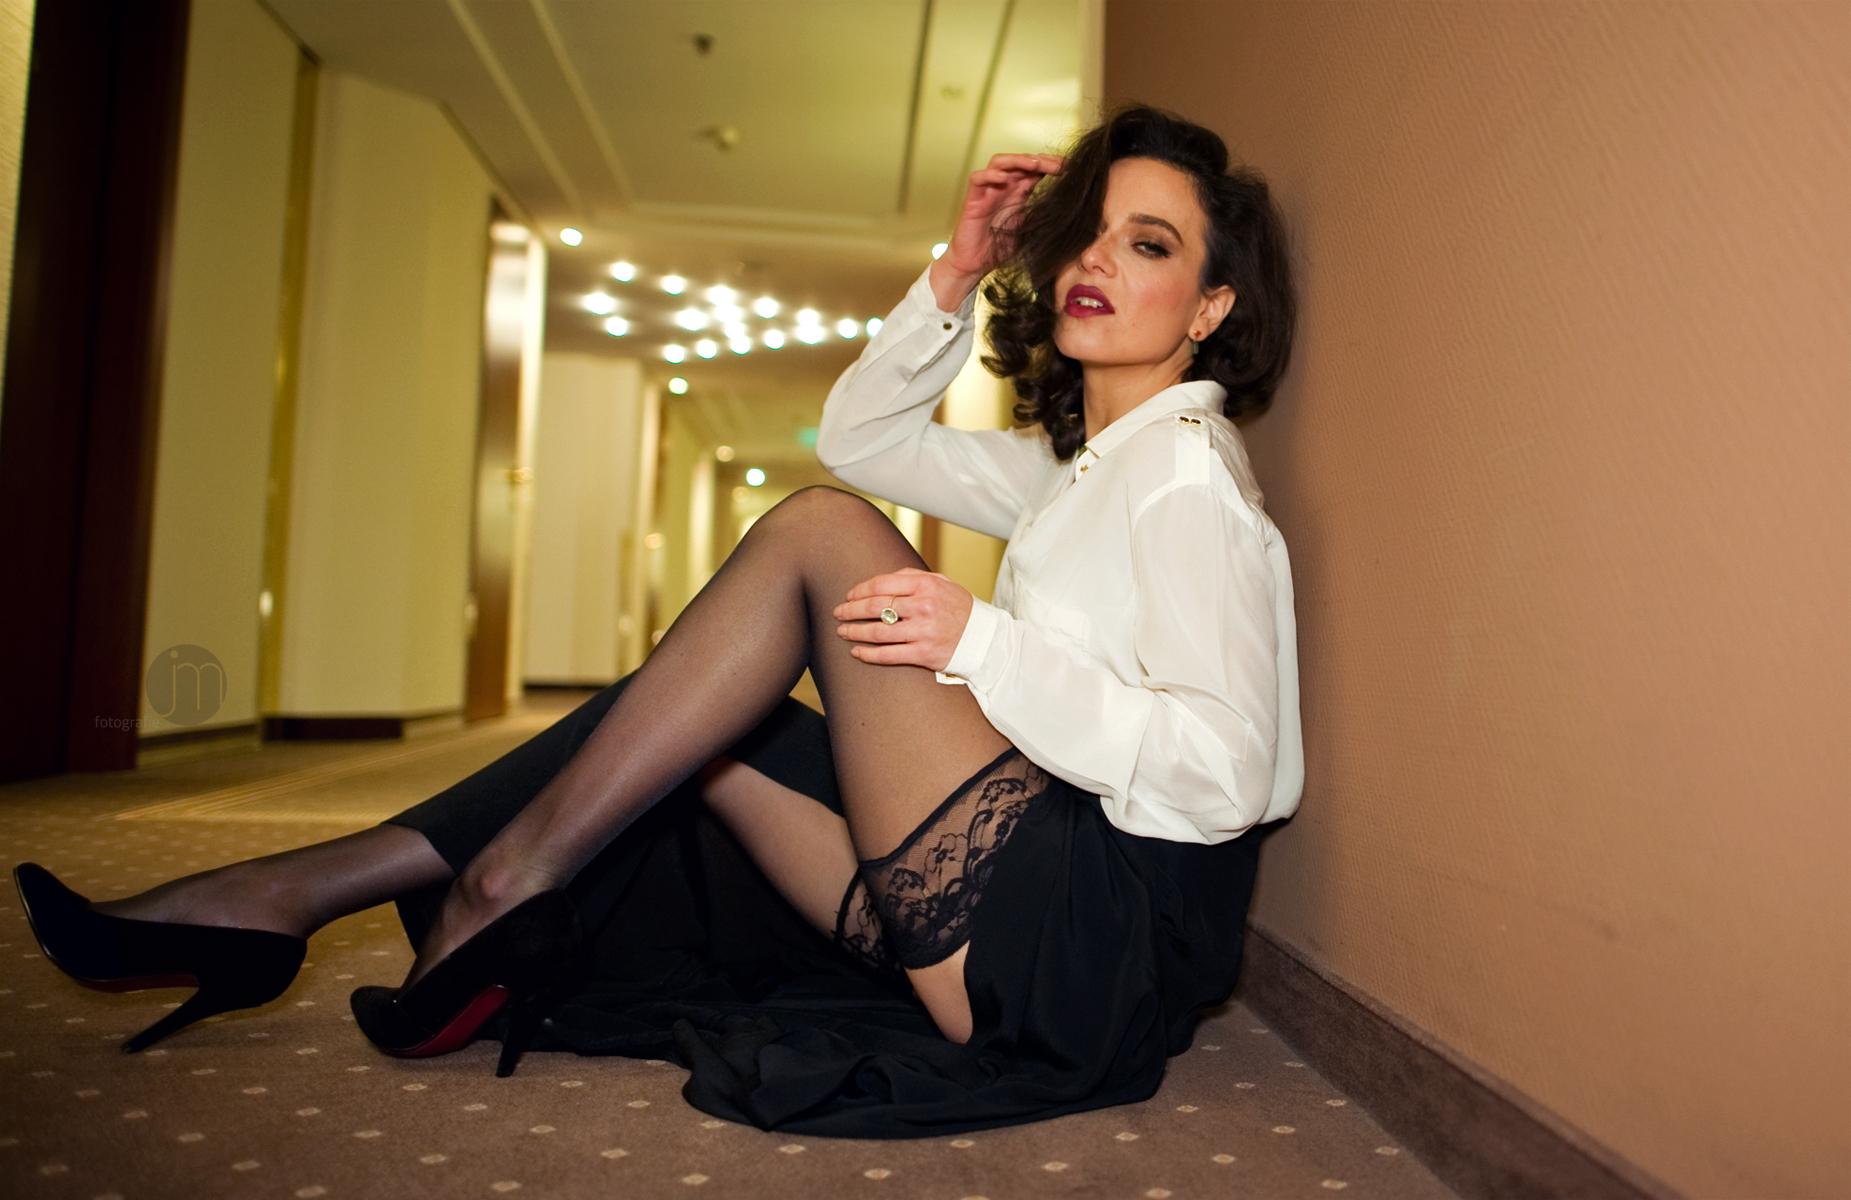 Mature Secretary Hot 51